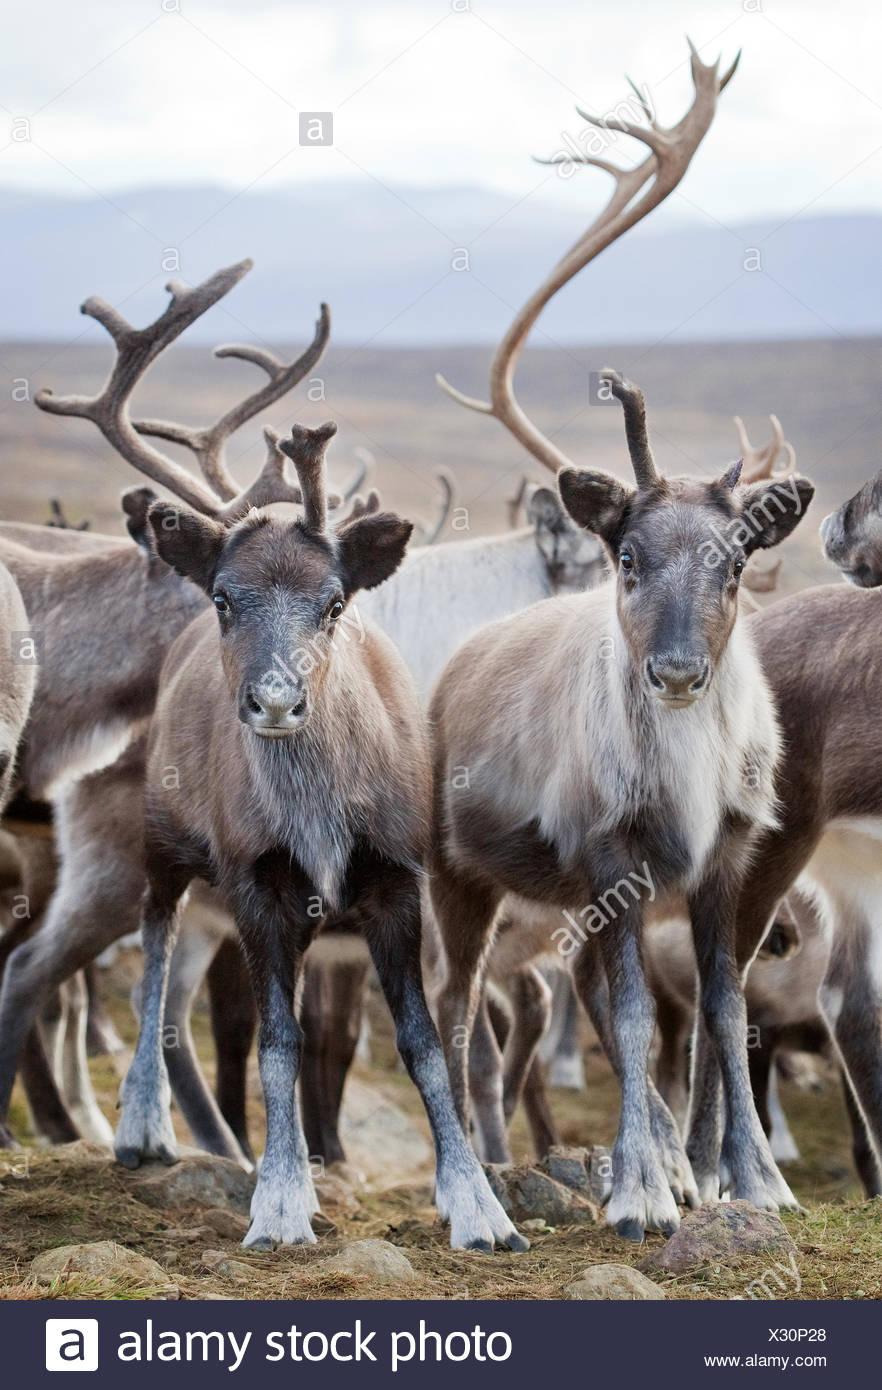 Sweden, Lapland, Levas, Herd of reindeer (Rangifer tarandus) in wild - Stock Image